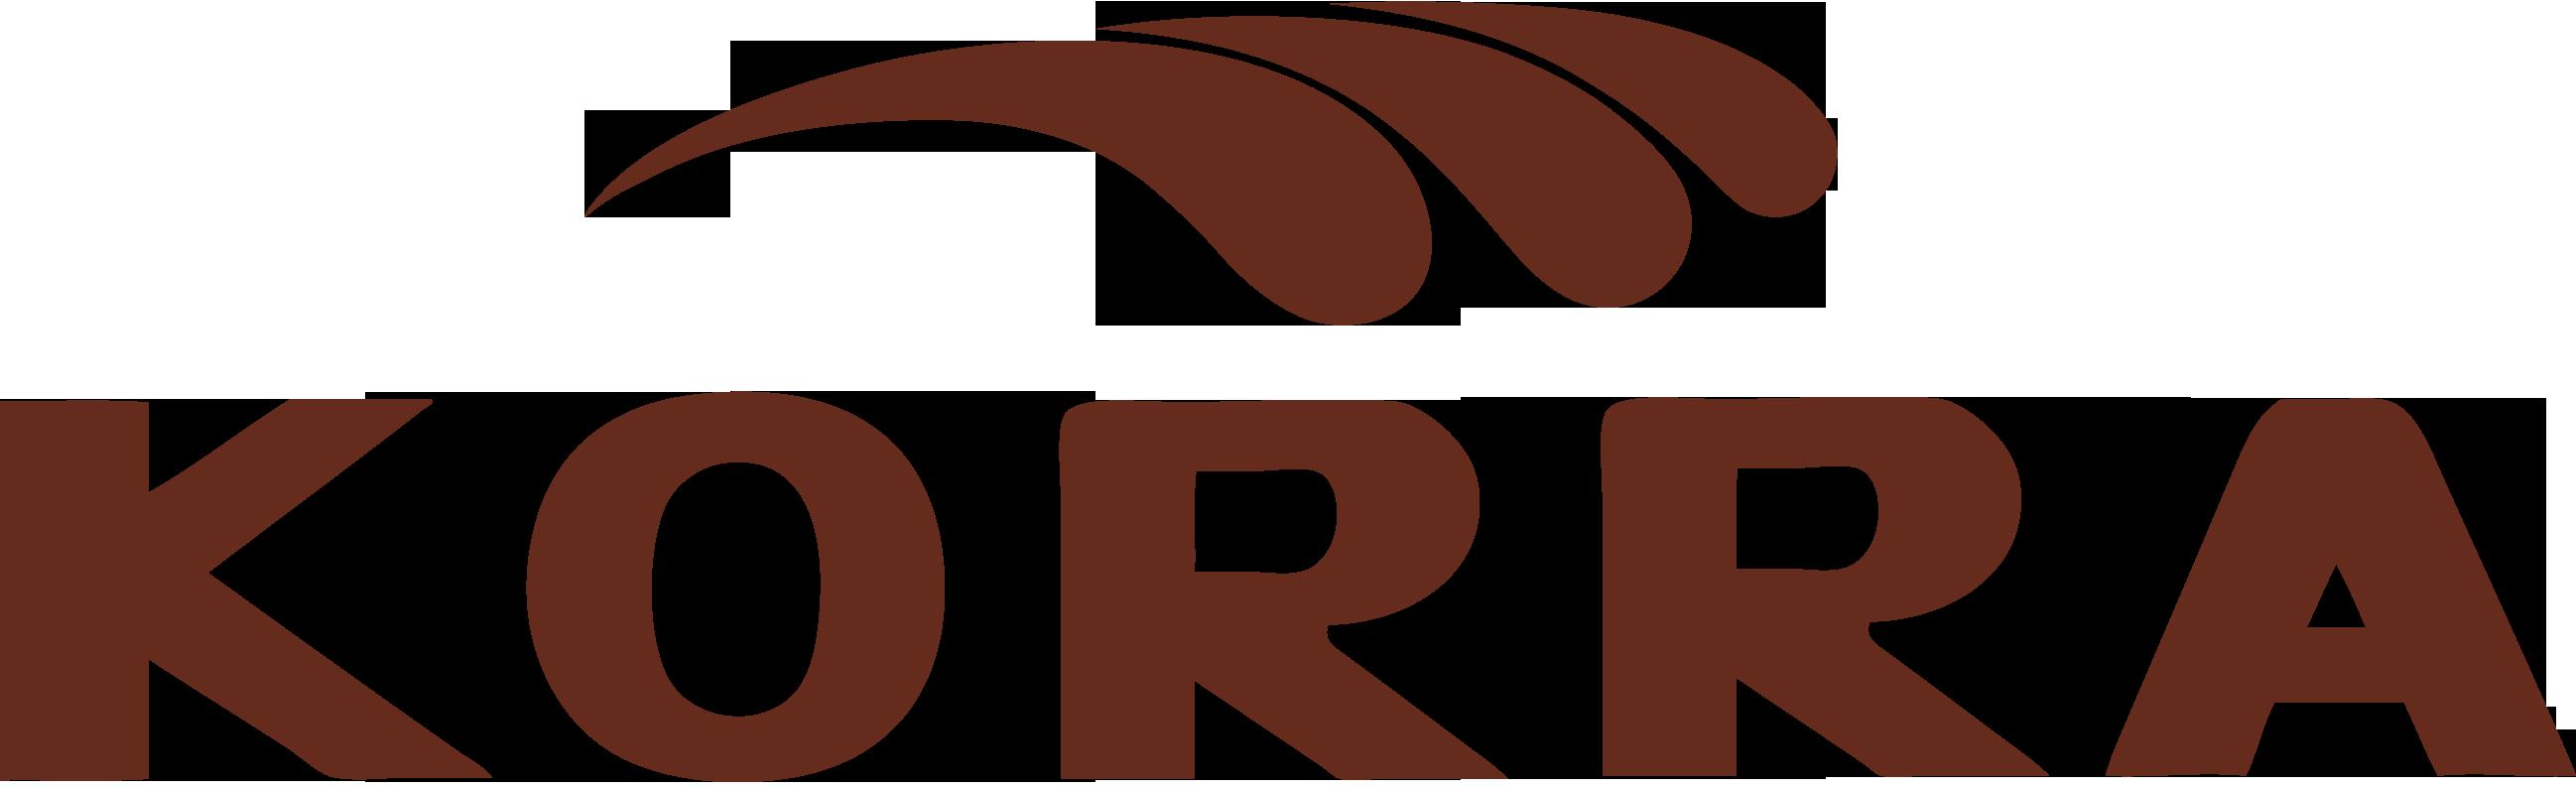 Korra